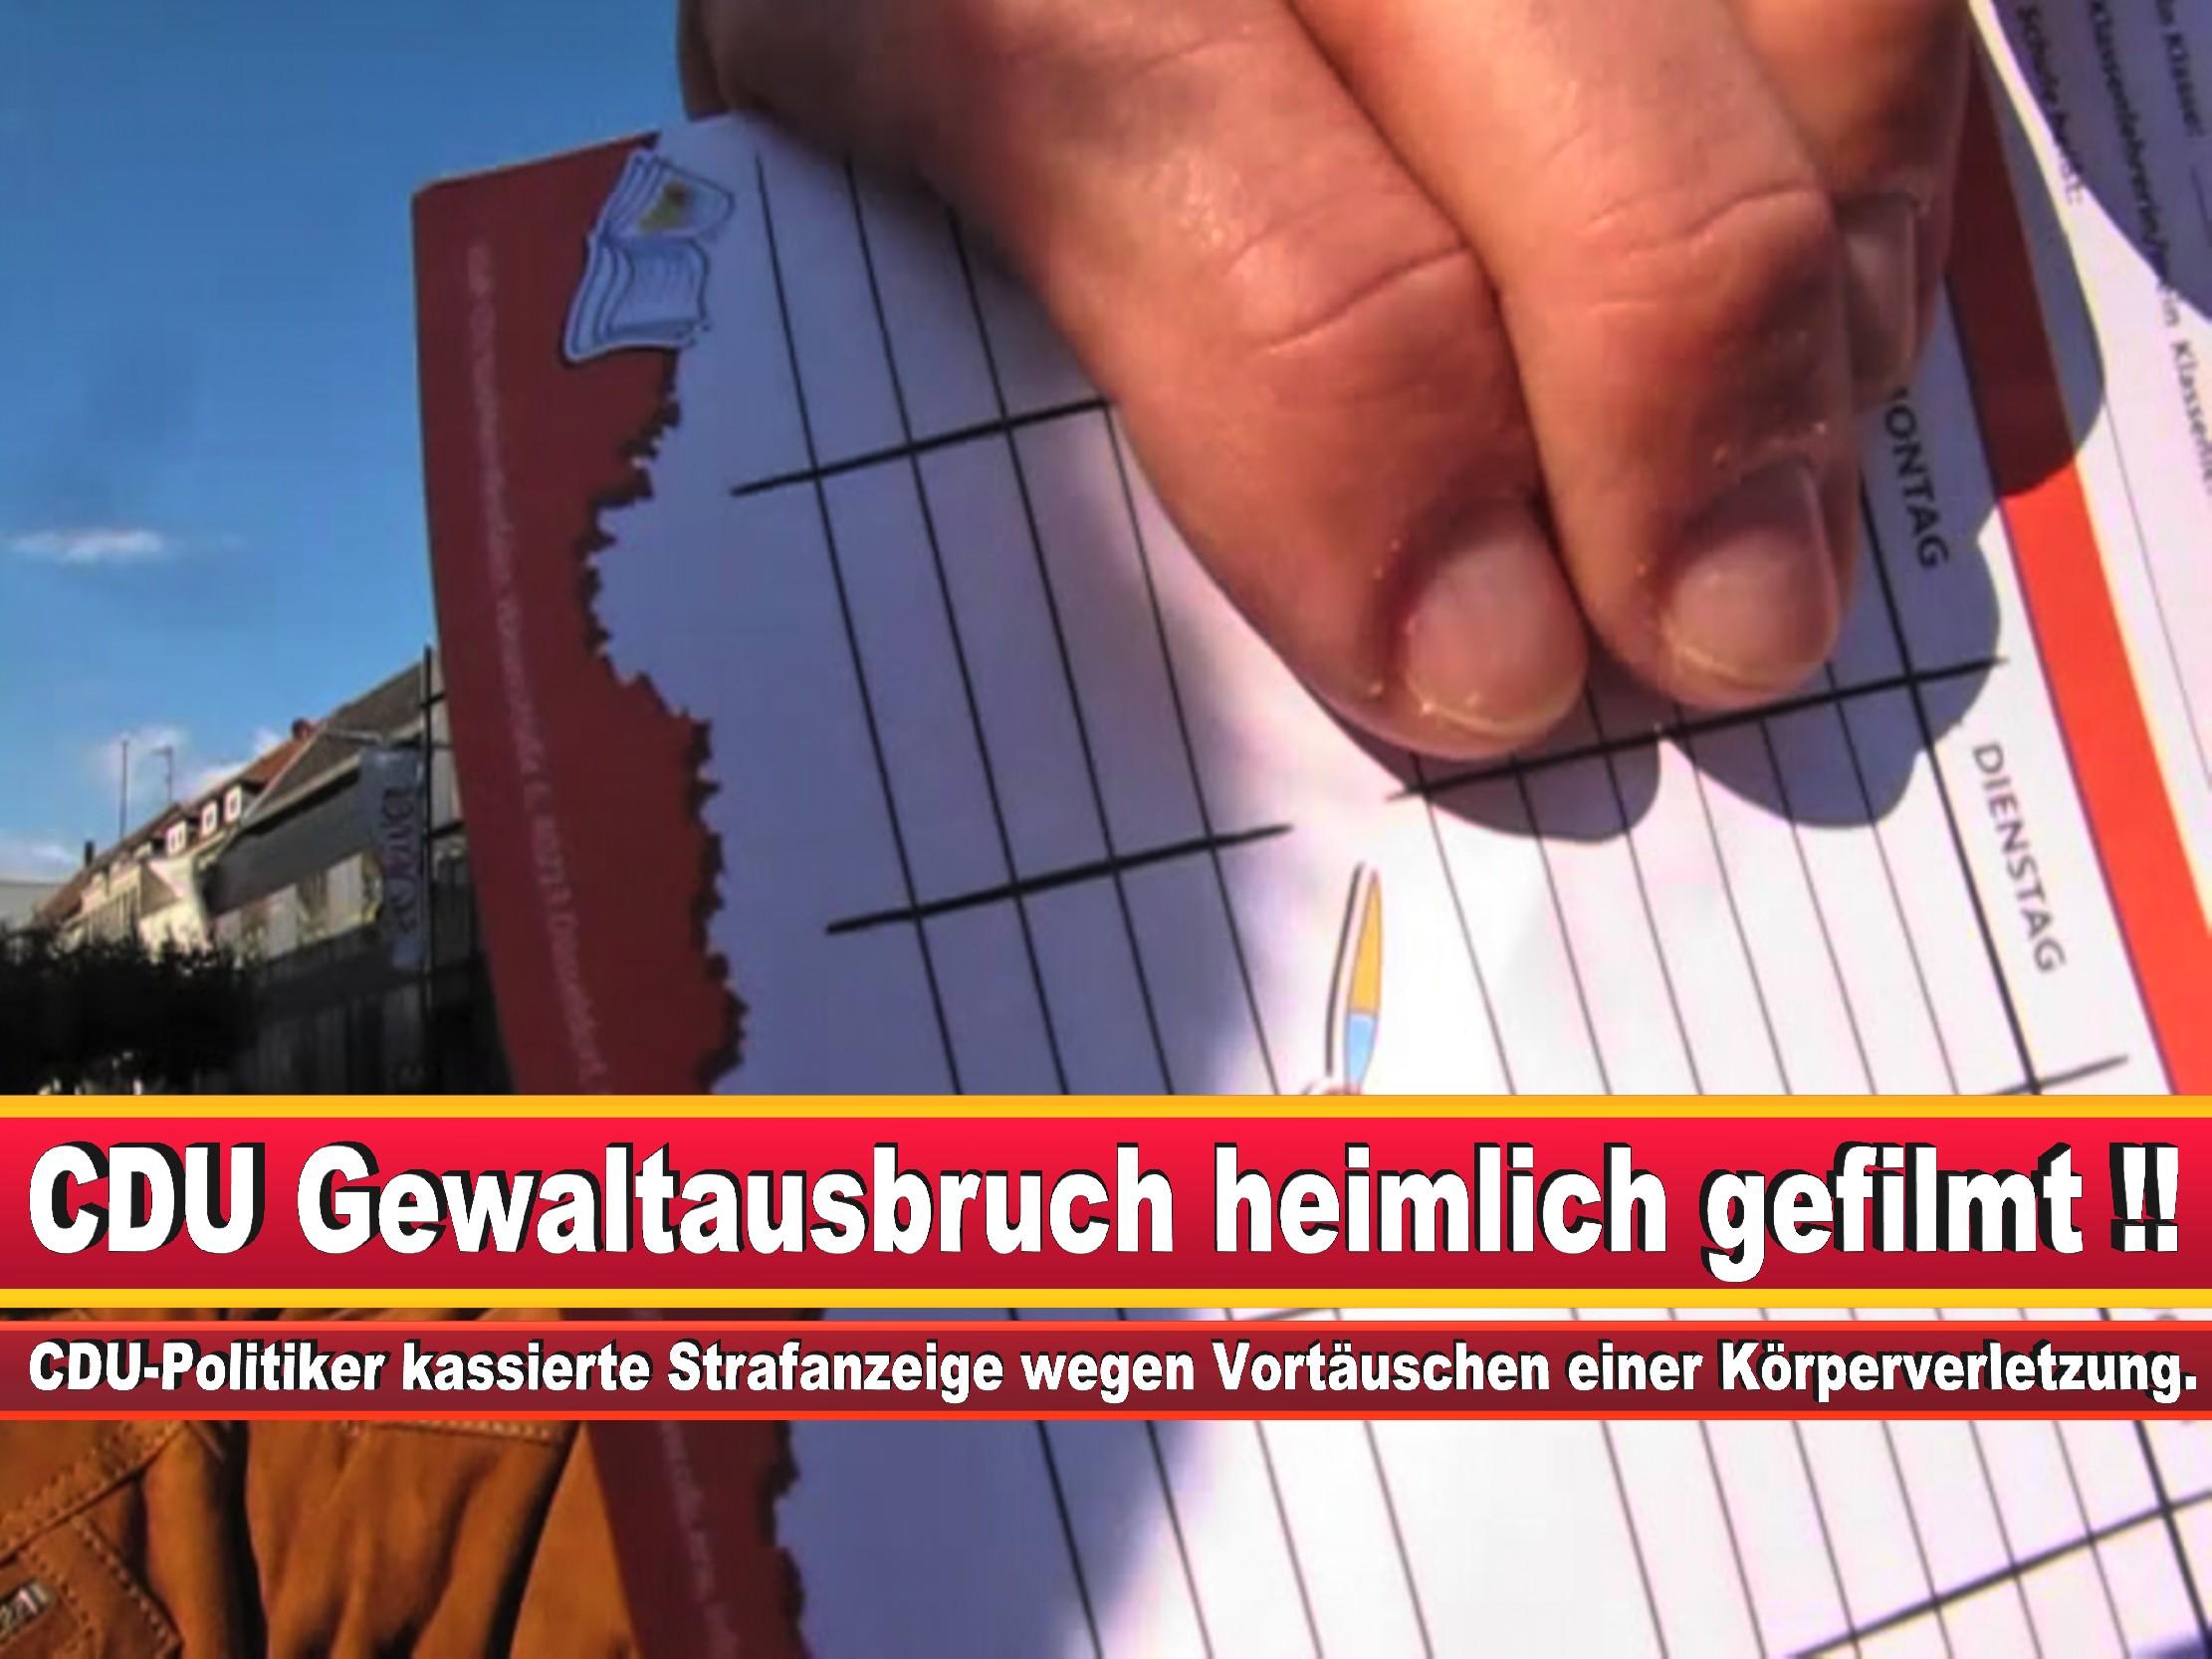 WESTFALEN BLATT KREIS HöXTER